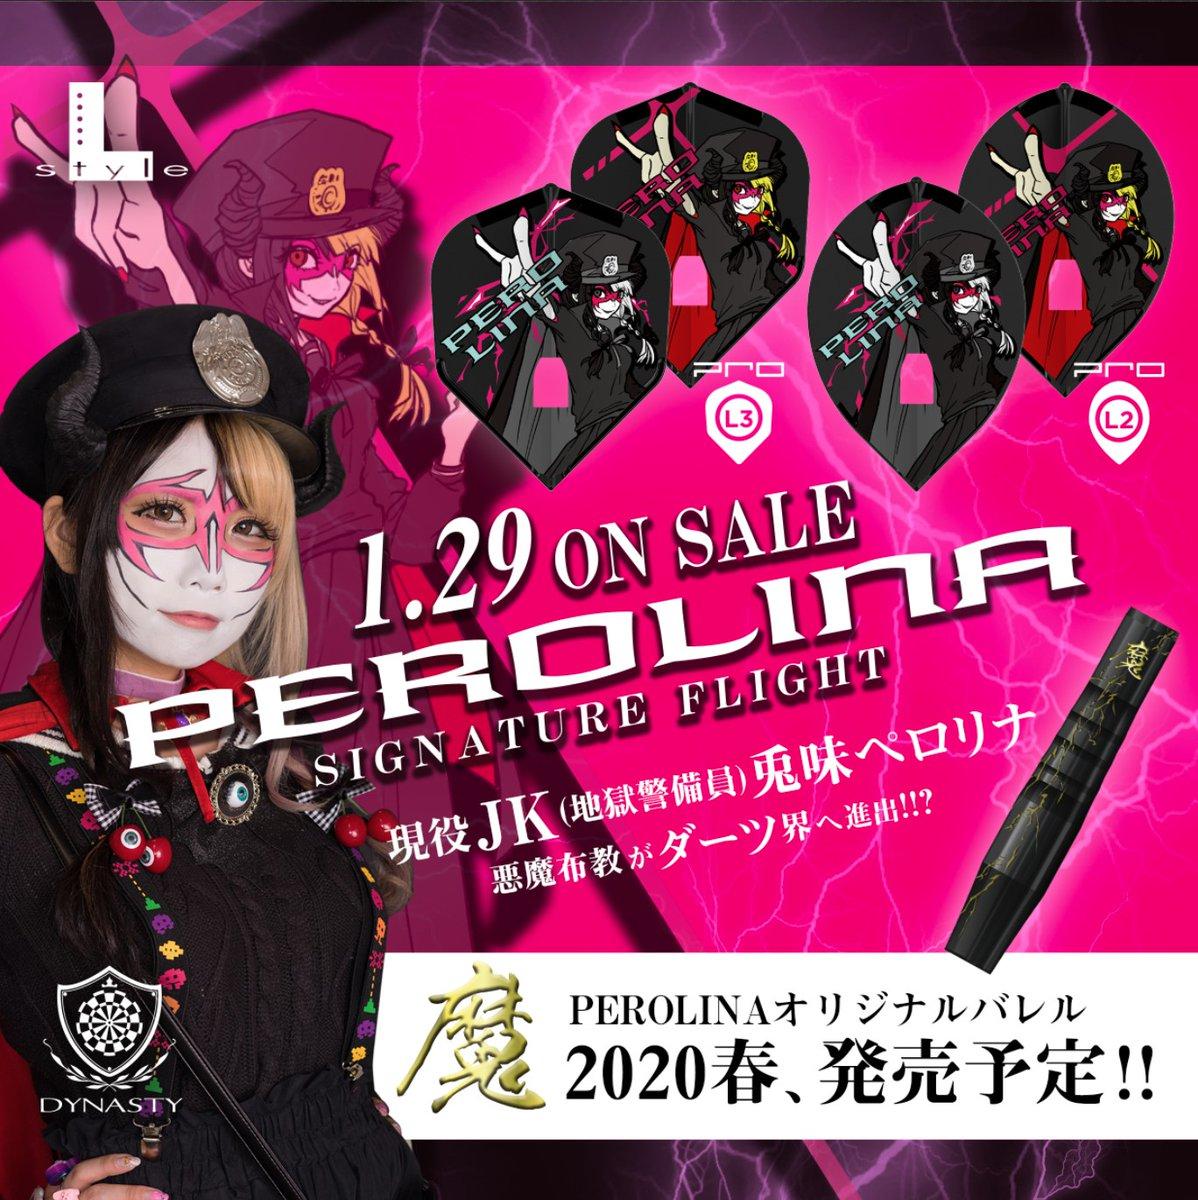 """DYNASTY_JAPAN on Twitter: """"【コラボ企画第一弾発表!!】 第一弾は昨年の日本ダーツ祭りにもゲスト出演したマルチタレントとしてご活躍中の現役JK(地獄警備員)兎味ペロリナさんとのコラボレーションです!! コラボバレルは勿論、先行してDYNASTY×Lフライト PRO""""PEROLINA ..."""